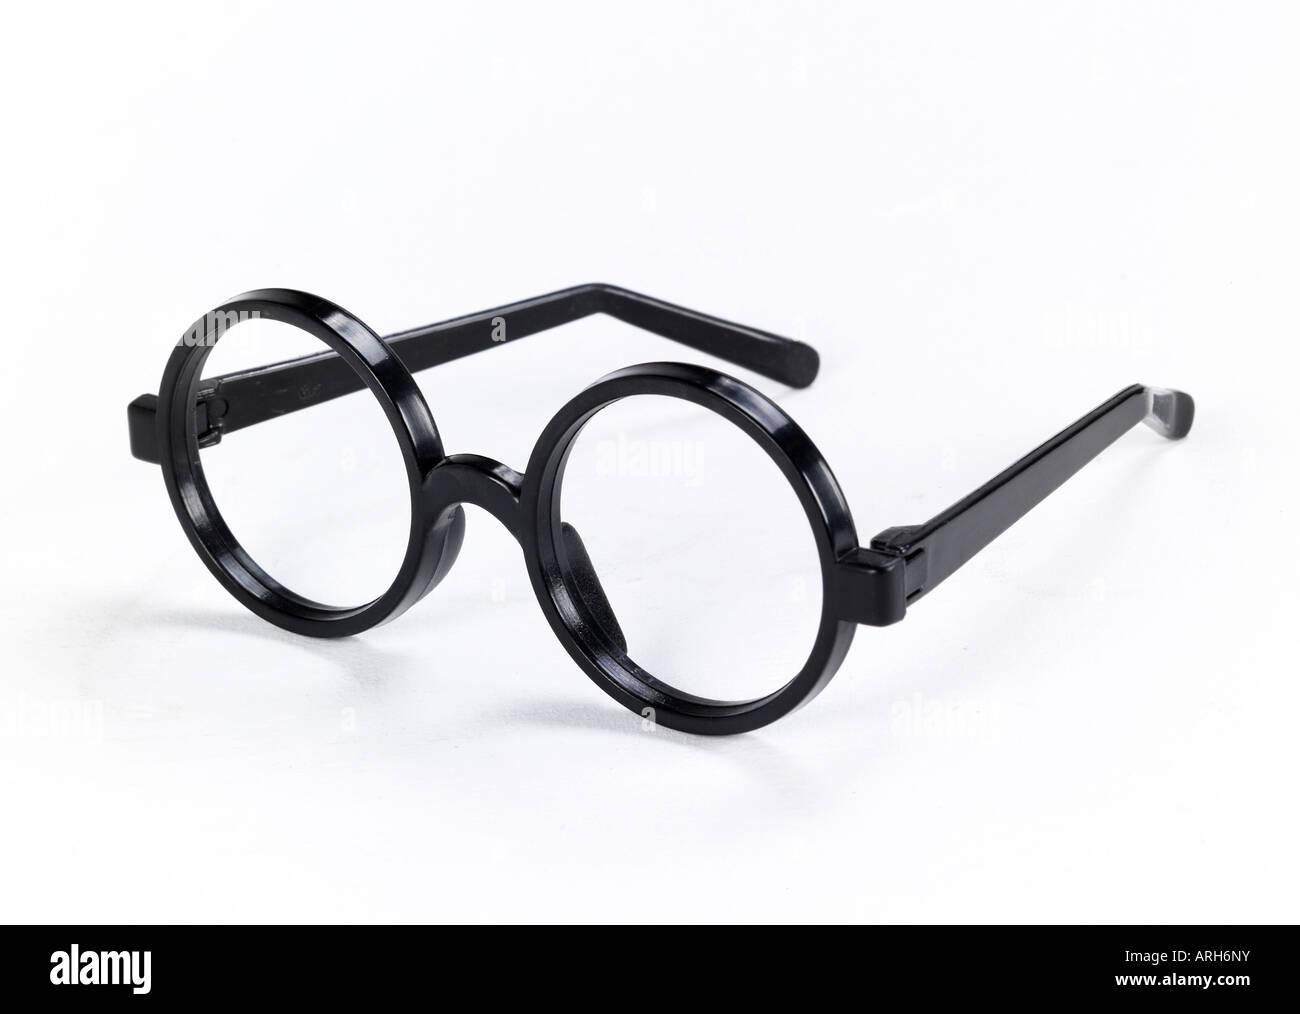 Round Framed Glasses On White Stock Photos & Round Framed Glasses On ...